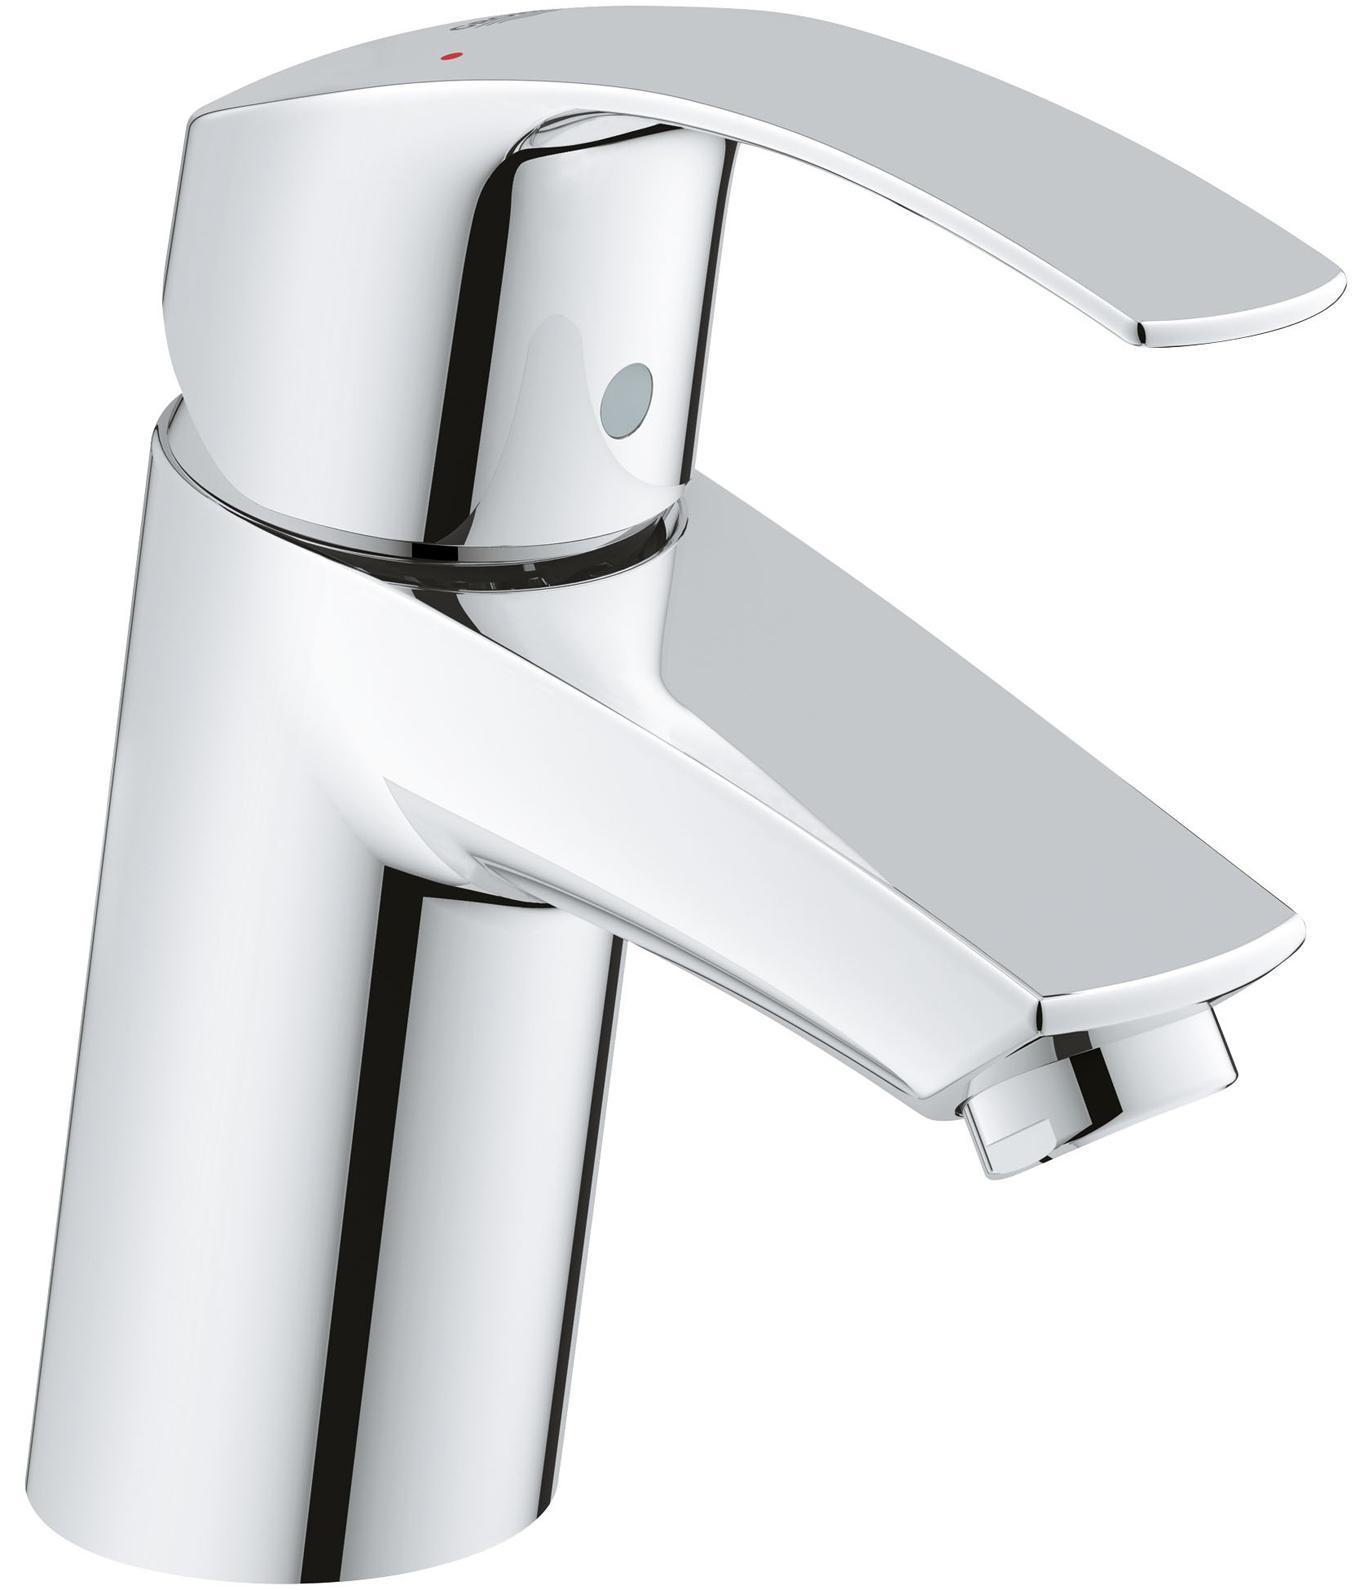 Смеситель для раковины GROHE Eurosmart New с низким изливом, хром32467002GROHE Eurosmart: смеситель для раковины в обтекаемом корпусе с износостойким глянцевым покрытием Если Вам необходим смеситель для ванной комнаты без встроенных сливных механизмов, Вам подойдет данная модель с цельным корпусом без штоков и цепочек. Хромированное покрытие GROHE StarLight придает смесителю роскошный блеск, подчеркивающий его лаконичный и эффектный дизайн. Картридж с прогрессивной технологией GROHE SilkMove сообщает рычагу чрезвычайно плавный ход, который сохраняется даже после многих лет интенсивной эксплуатации. Водосберегающий механизм GROHE EcoJoy обеспечивает экономию воды, достигающую 50%. Система упрощенного монтажа поможет установить смеситель и подготовить его к работе с минимальными затратами времени. Особенности: Монтаж на одно отверстие Металлический рычаг GROHE SilkMove керамический картридж 35 мм С ограничителем температуры Регулировка расхода воды GROHE StarLight хромированная поверхность GROHE EcoJoy 5.7 л/мин ...